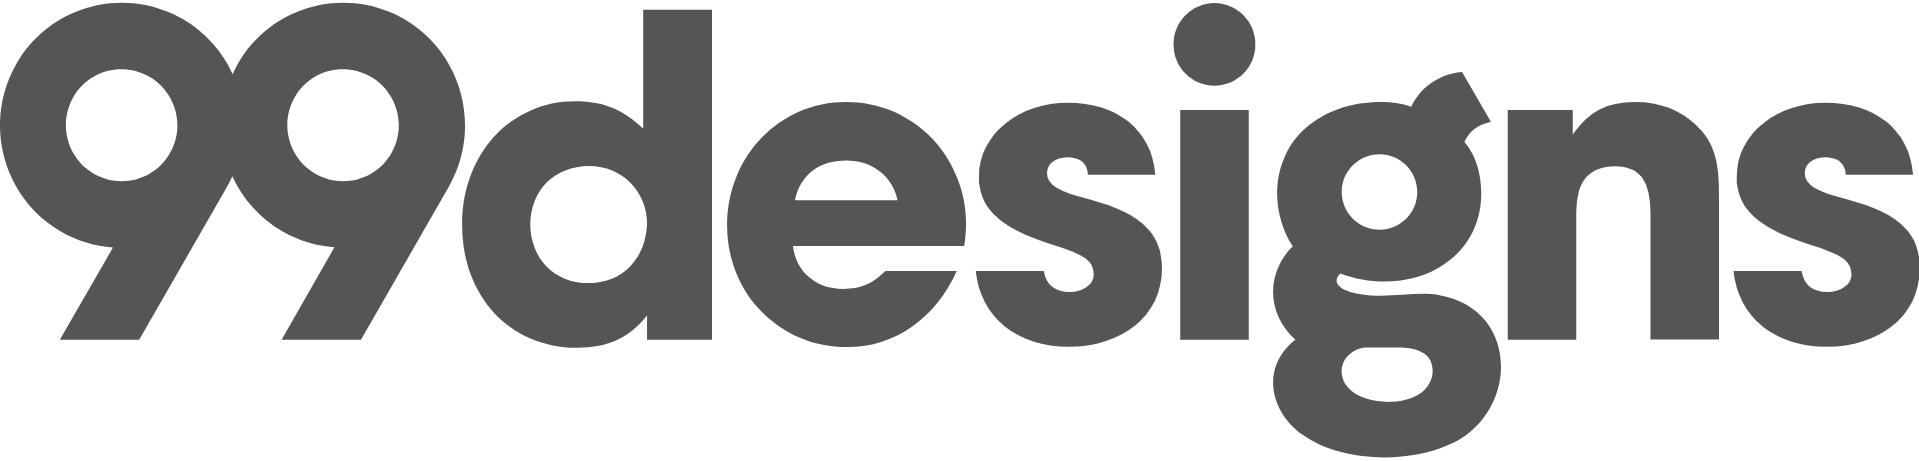 99Designs - Graphic Design